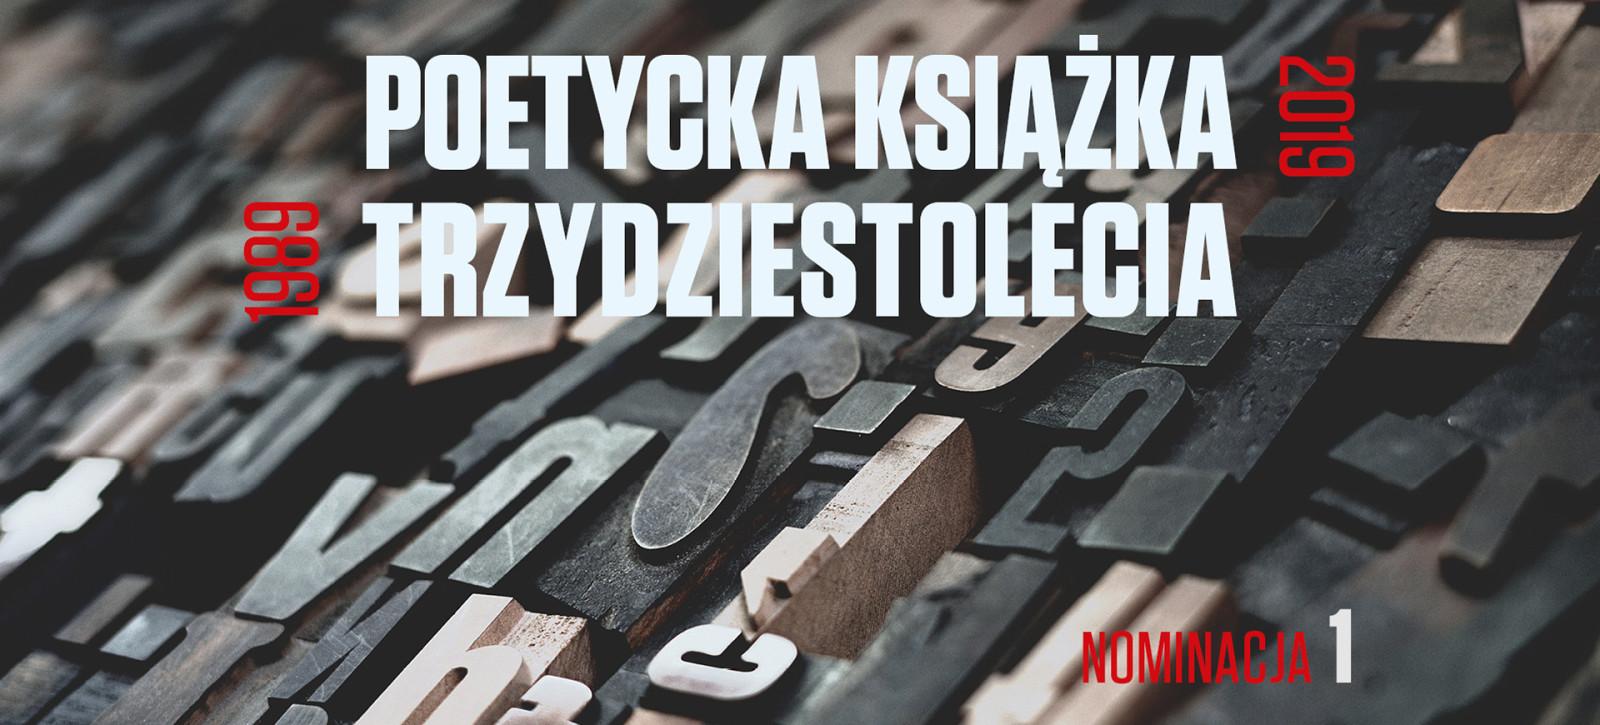 16_DEBATY__Karol MALSZEWSKI_Poetycka książka trzydziestolecia